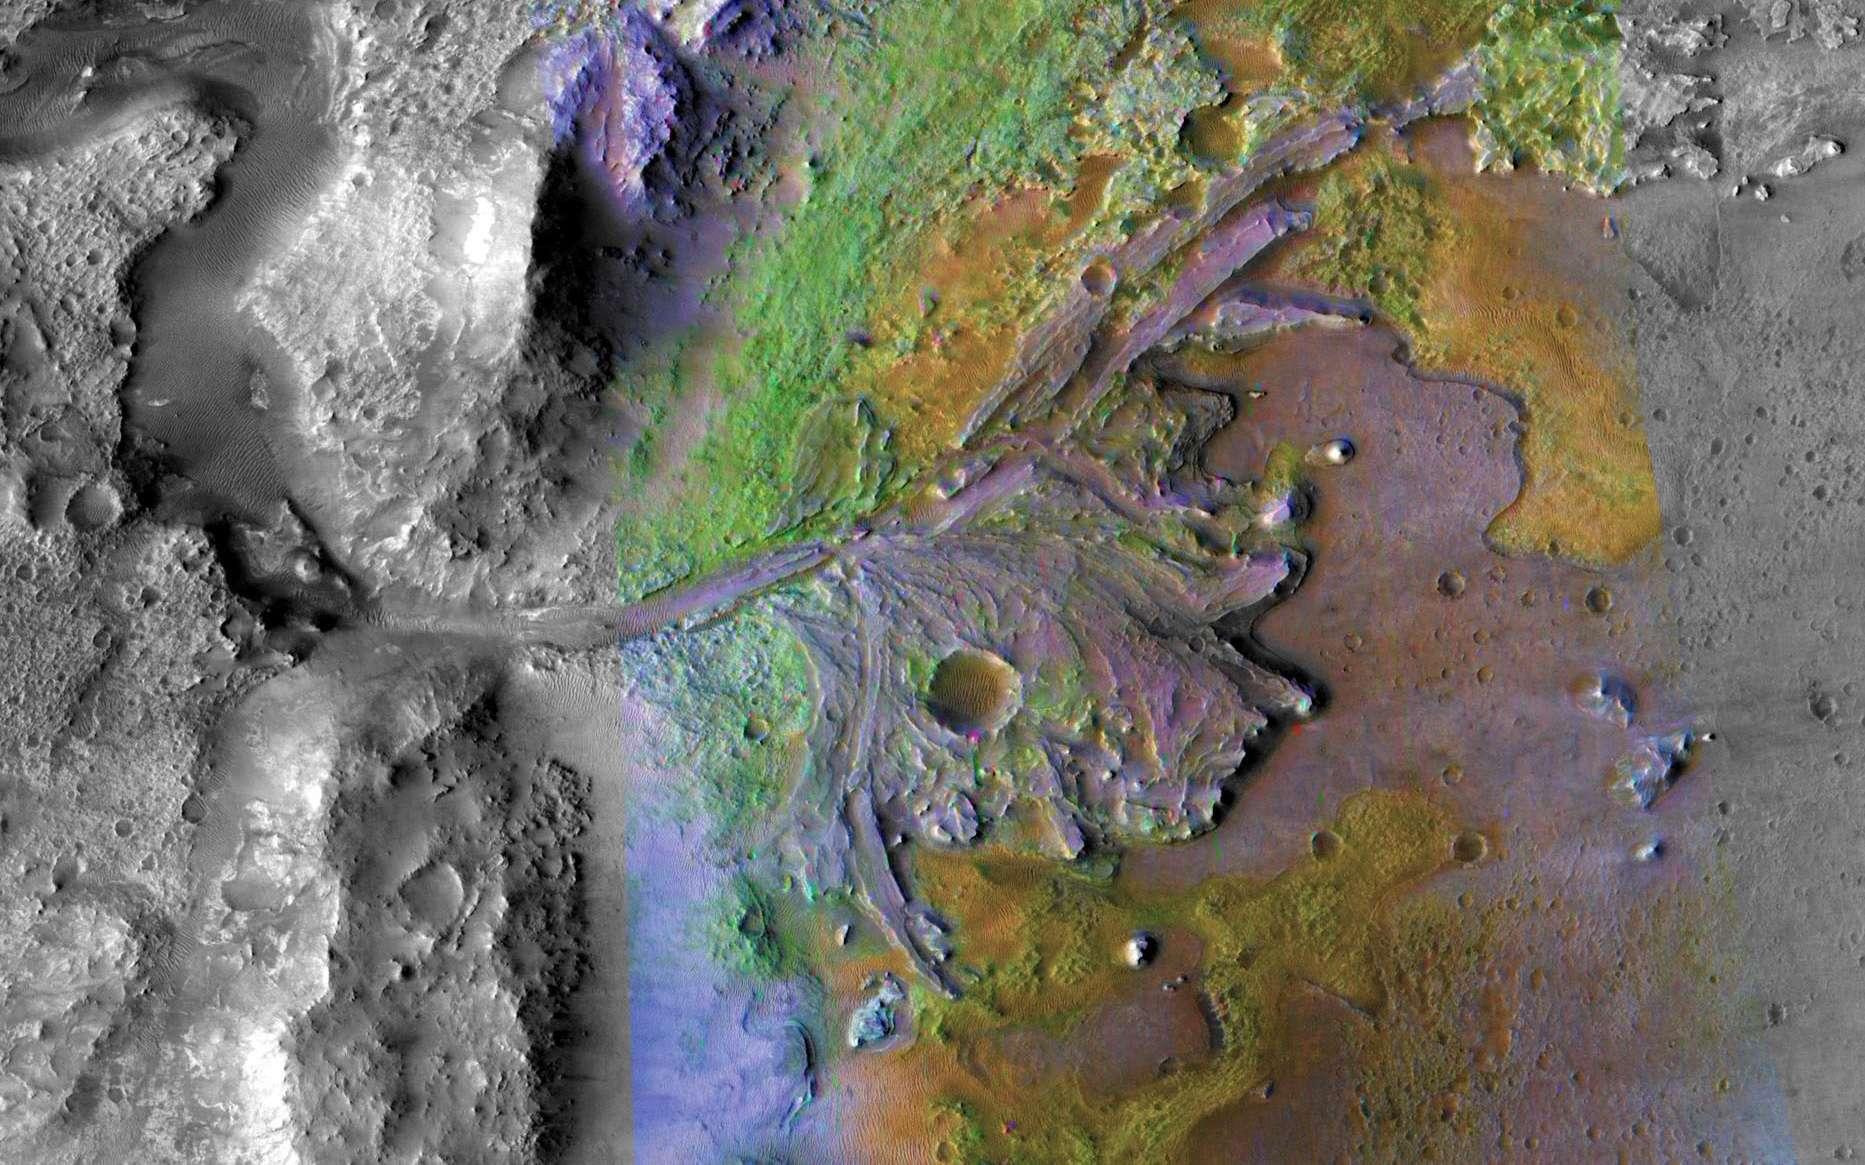 Le cratère Jezero, dont on peut voir les traces d'un ancien delta et lac, sera le site d'atterrissage du rover Mars 2020. © Nasa, JPL-Caltech, MSSS, JHU-AP